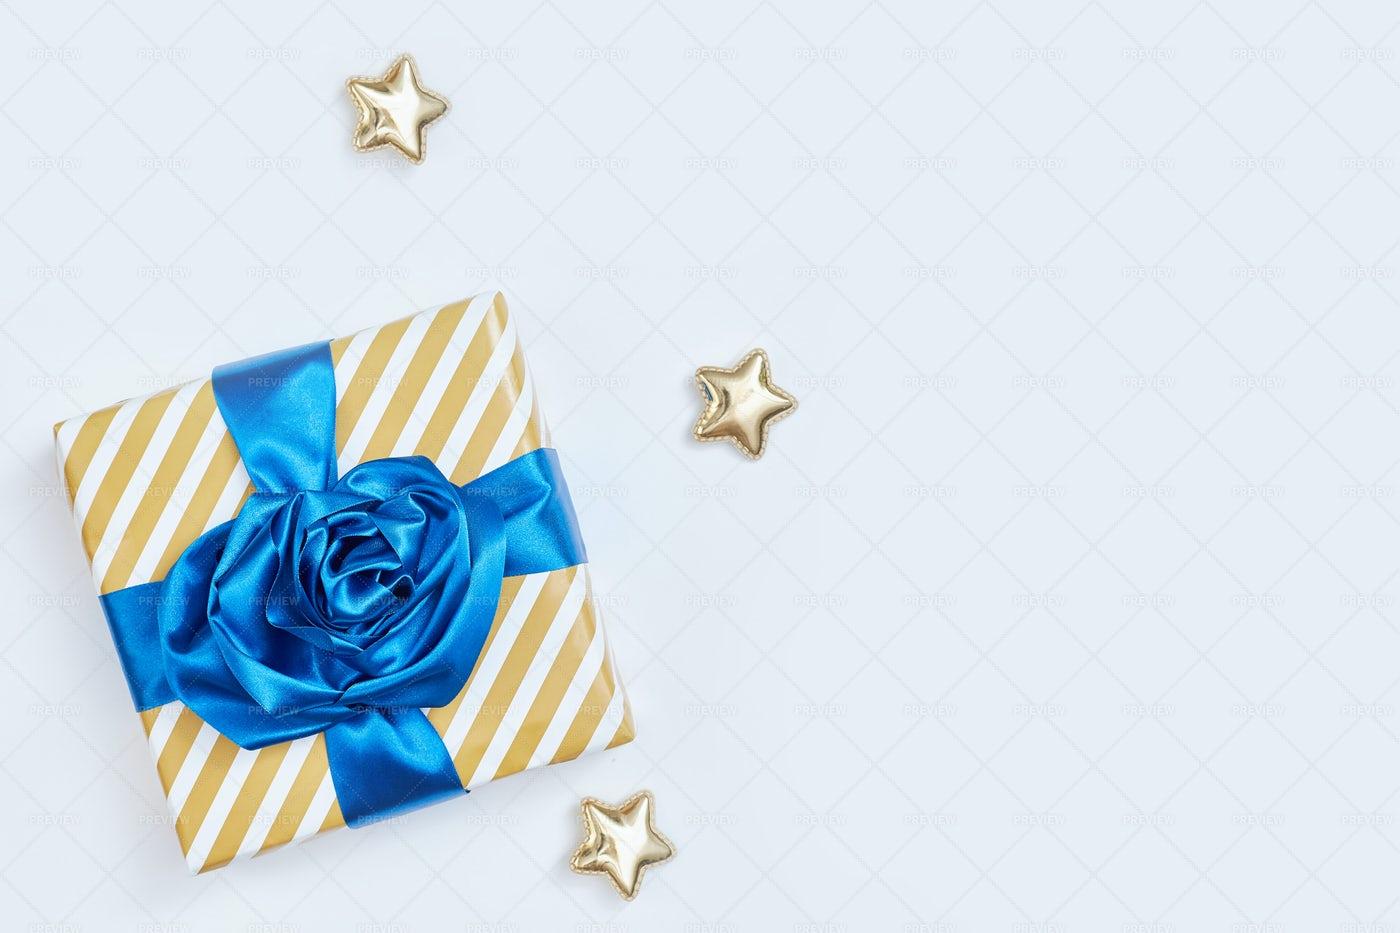 A Fancy Gift Box: Stock Photos